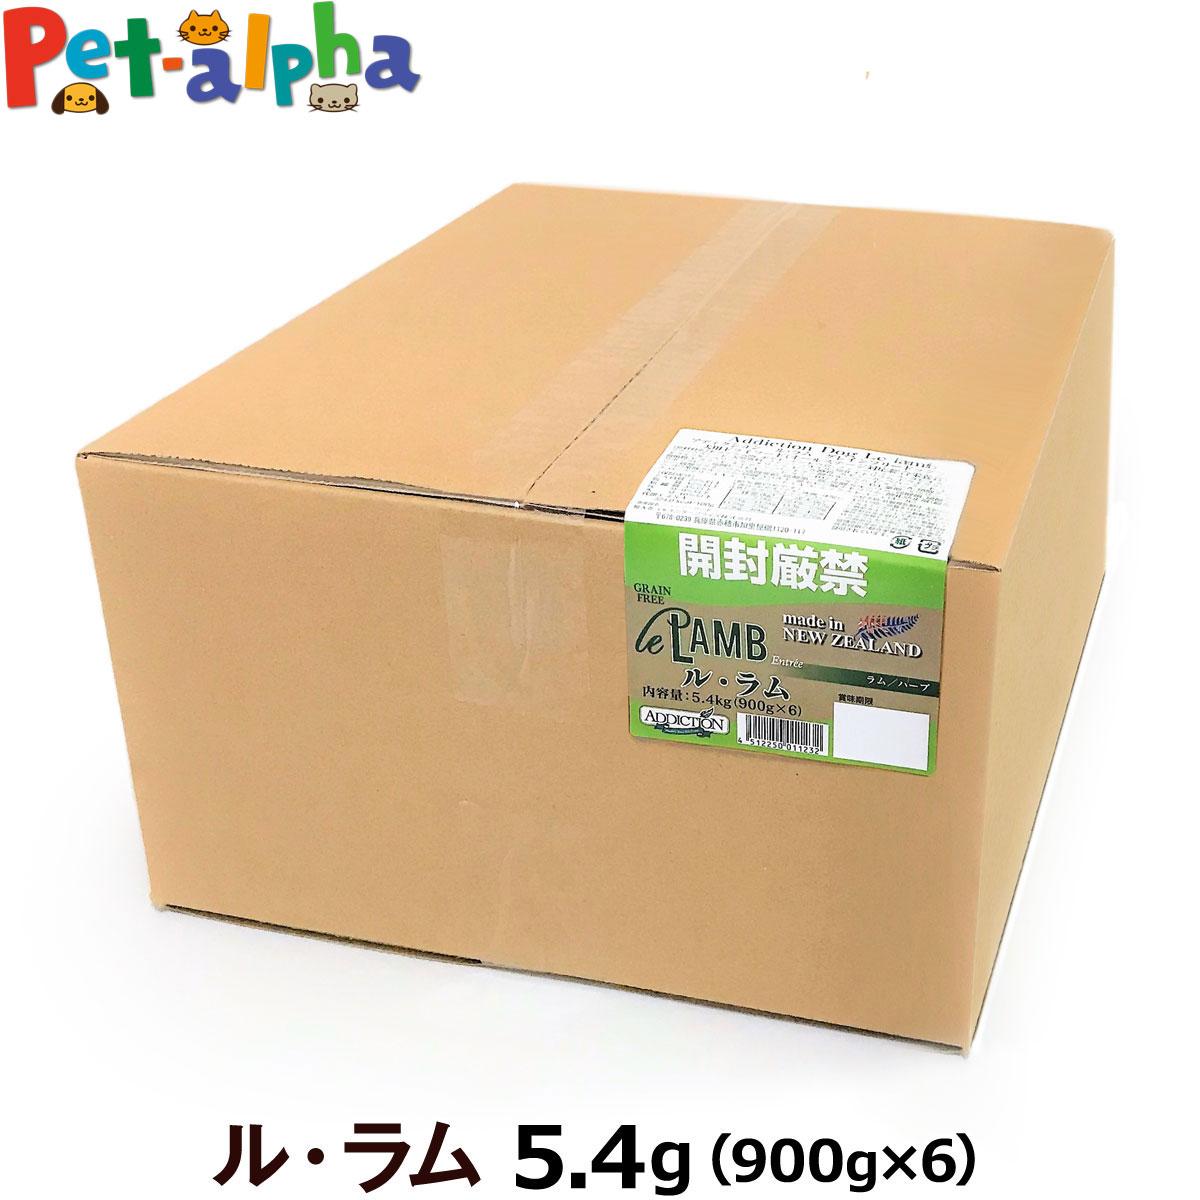 【クーポン配布中】アディクション ル・ラム グレインフリードッグフード 5.4kg(900g×6)